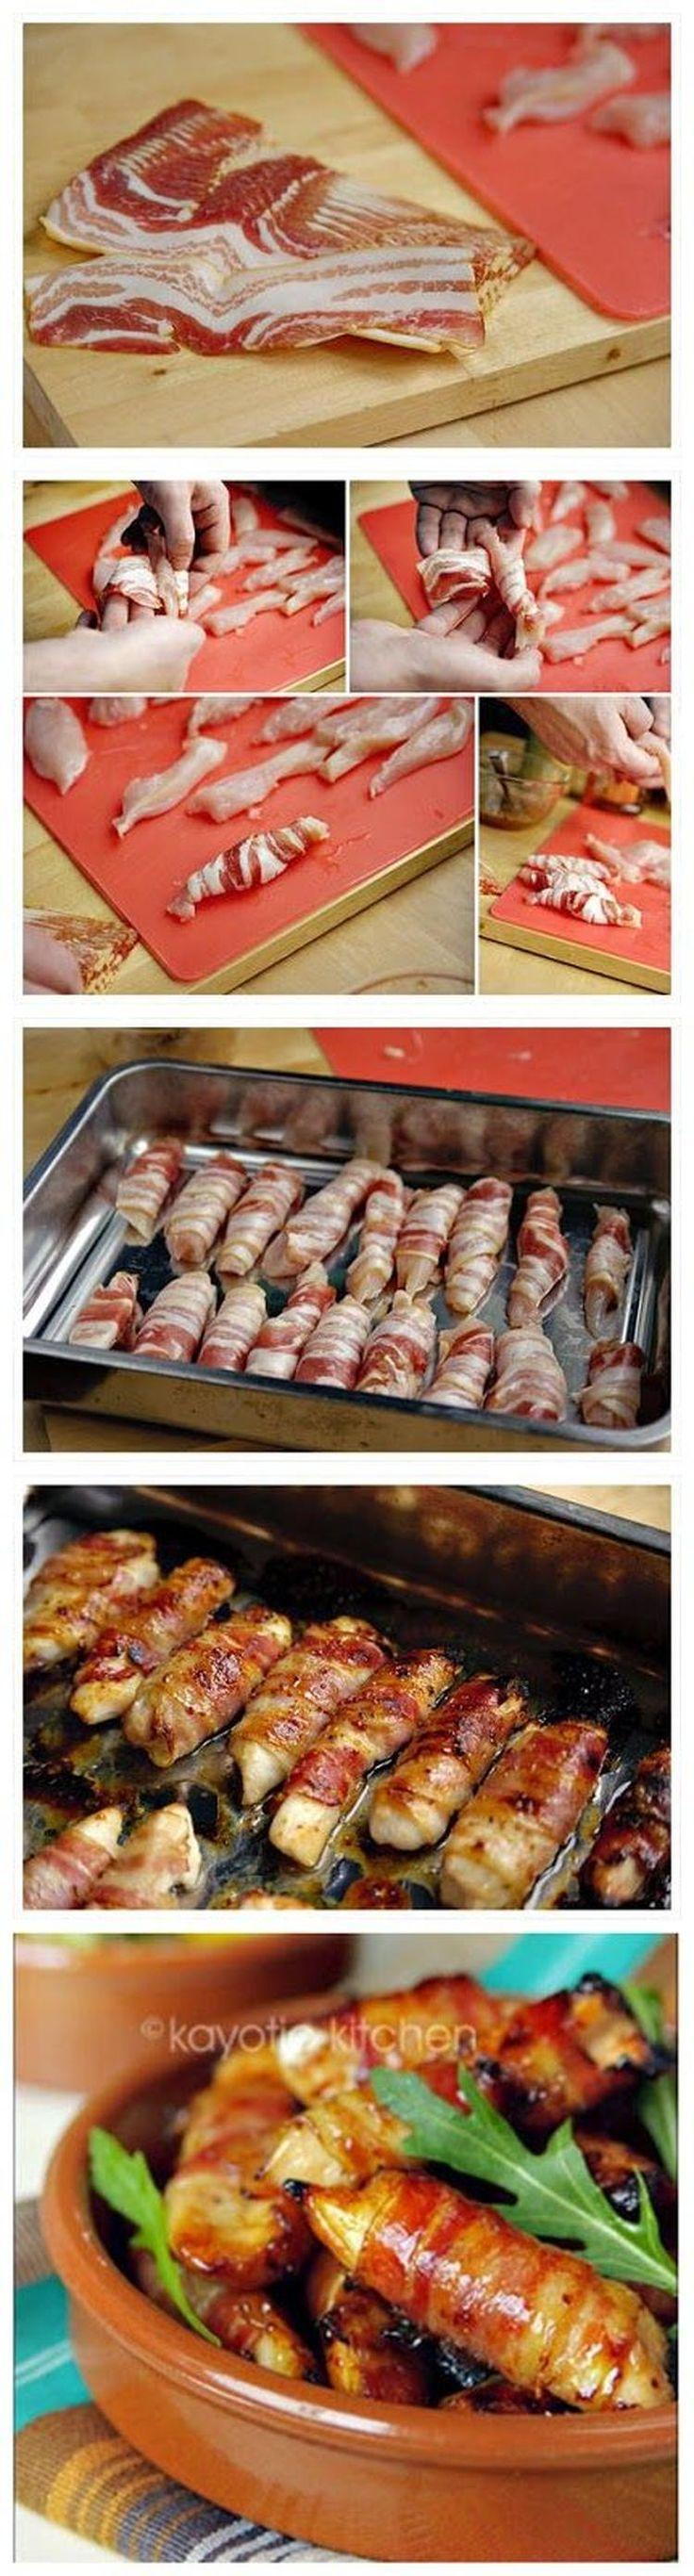 Bekijk de foto van angellove1968 met als titel Kip met bacon     1 pound boneless chicken breasts 20 thin bacon slices 3 tbsp honey 2 tsp coarse mustard fresh lemon juice  en andere inspirerende plaatjes op Welke.nl.